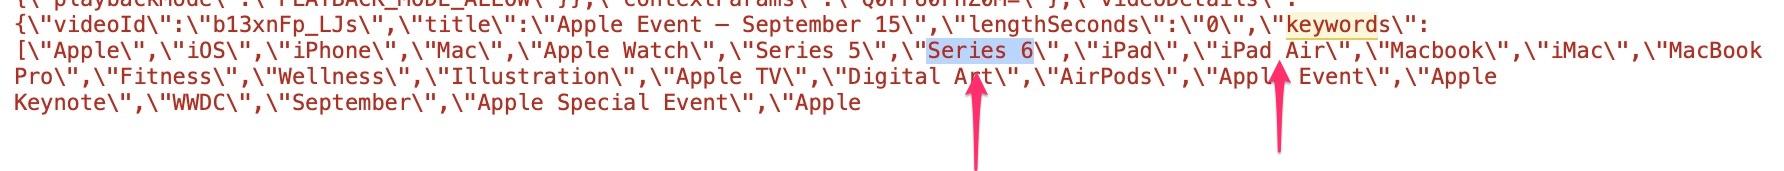 Menciones al Apple Watch Series 6